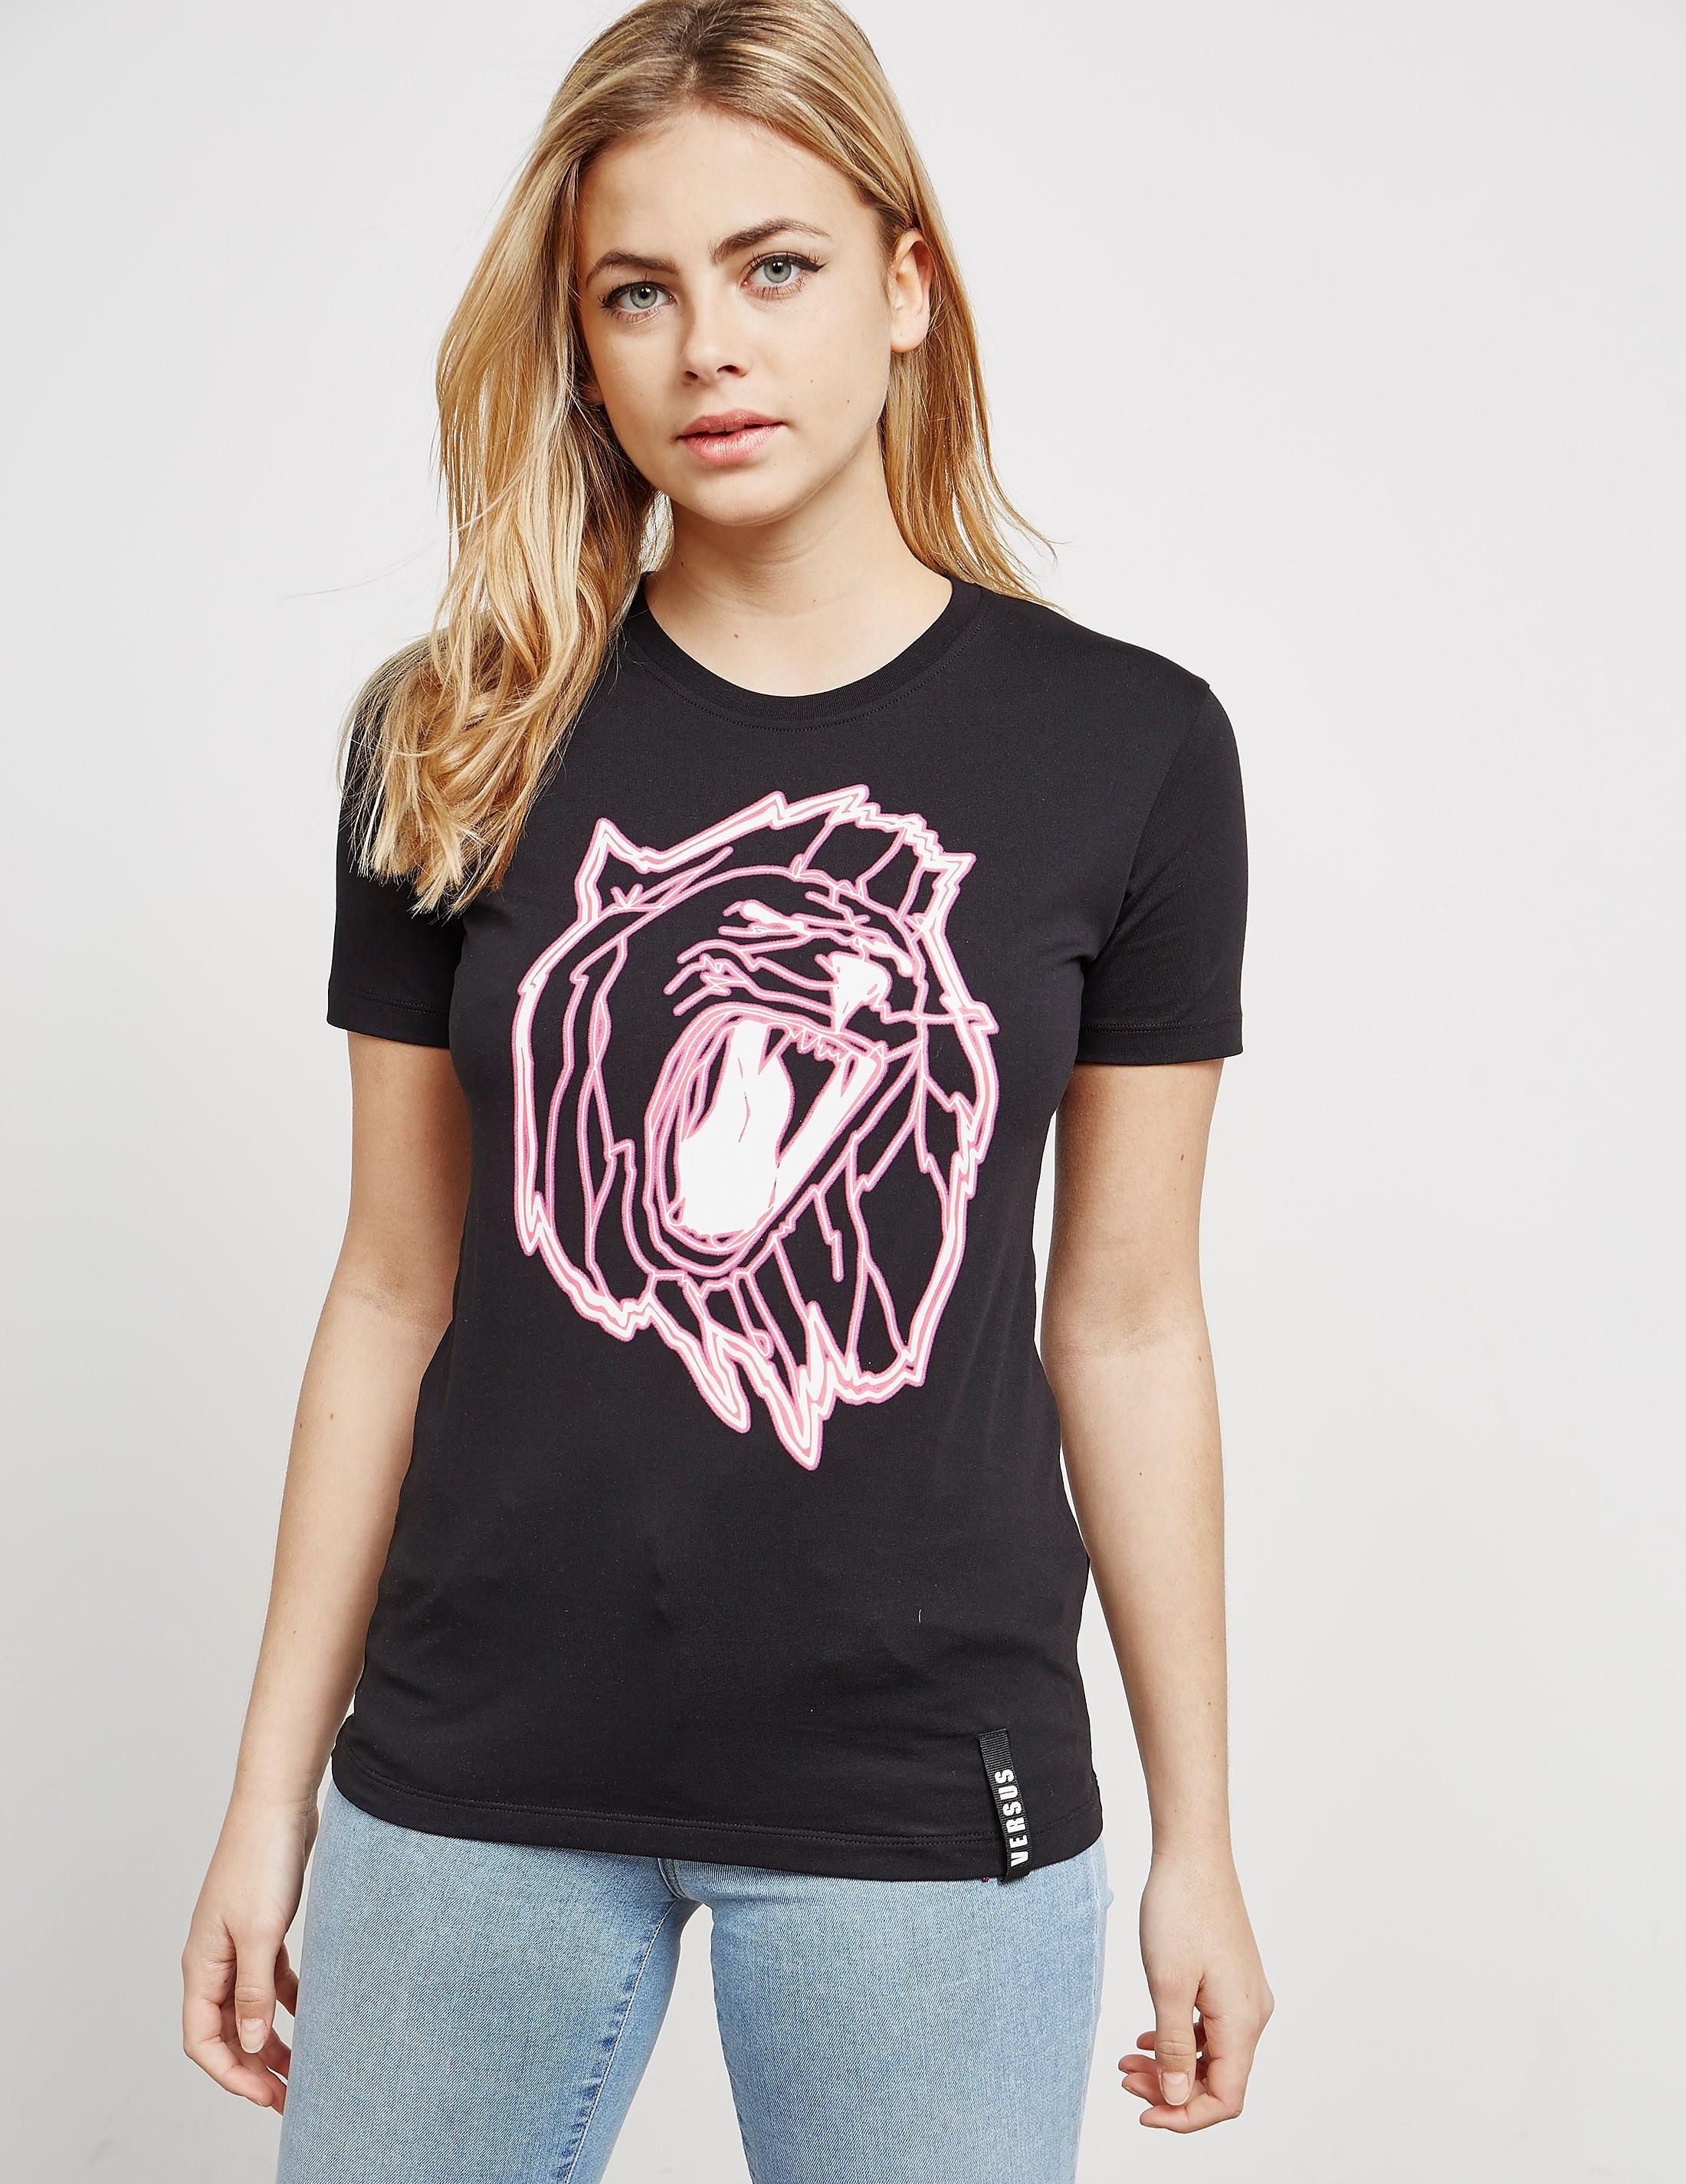 Versus Versace Lion Head Short Sleeve T-Shirt